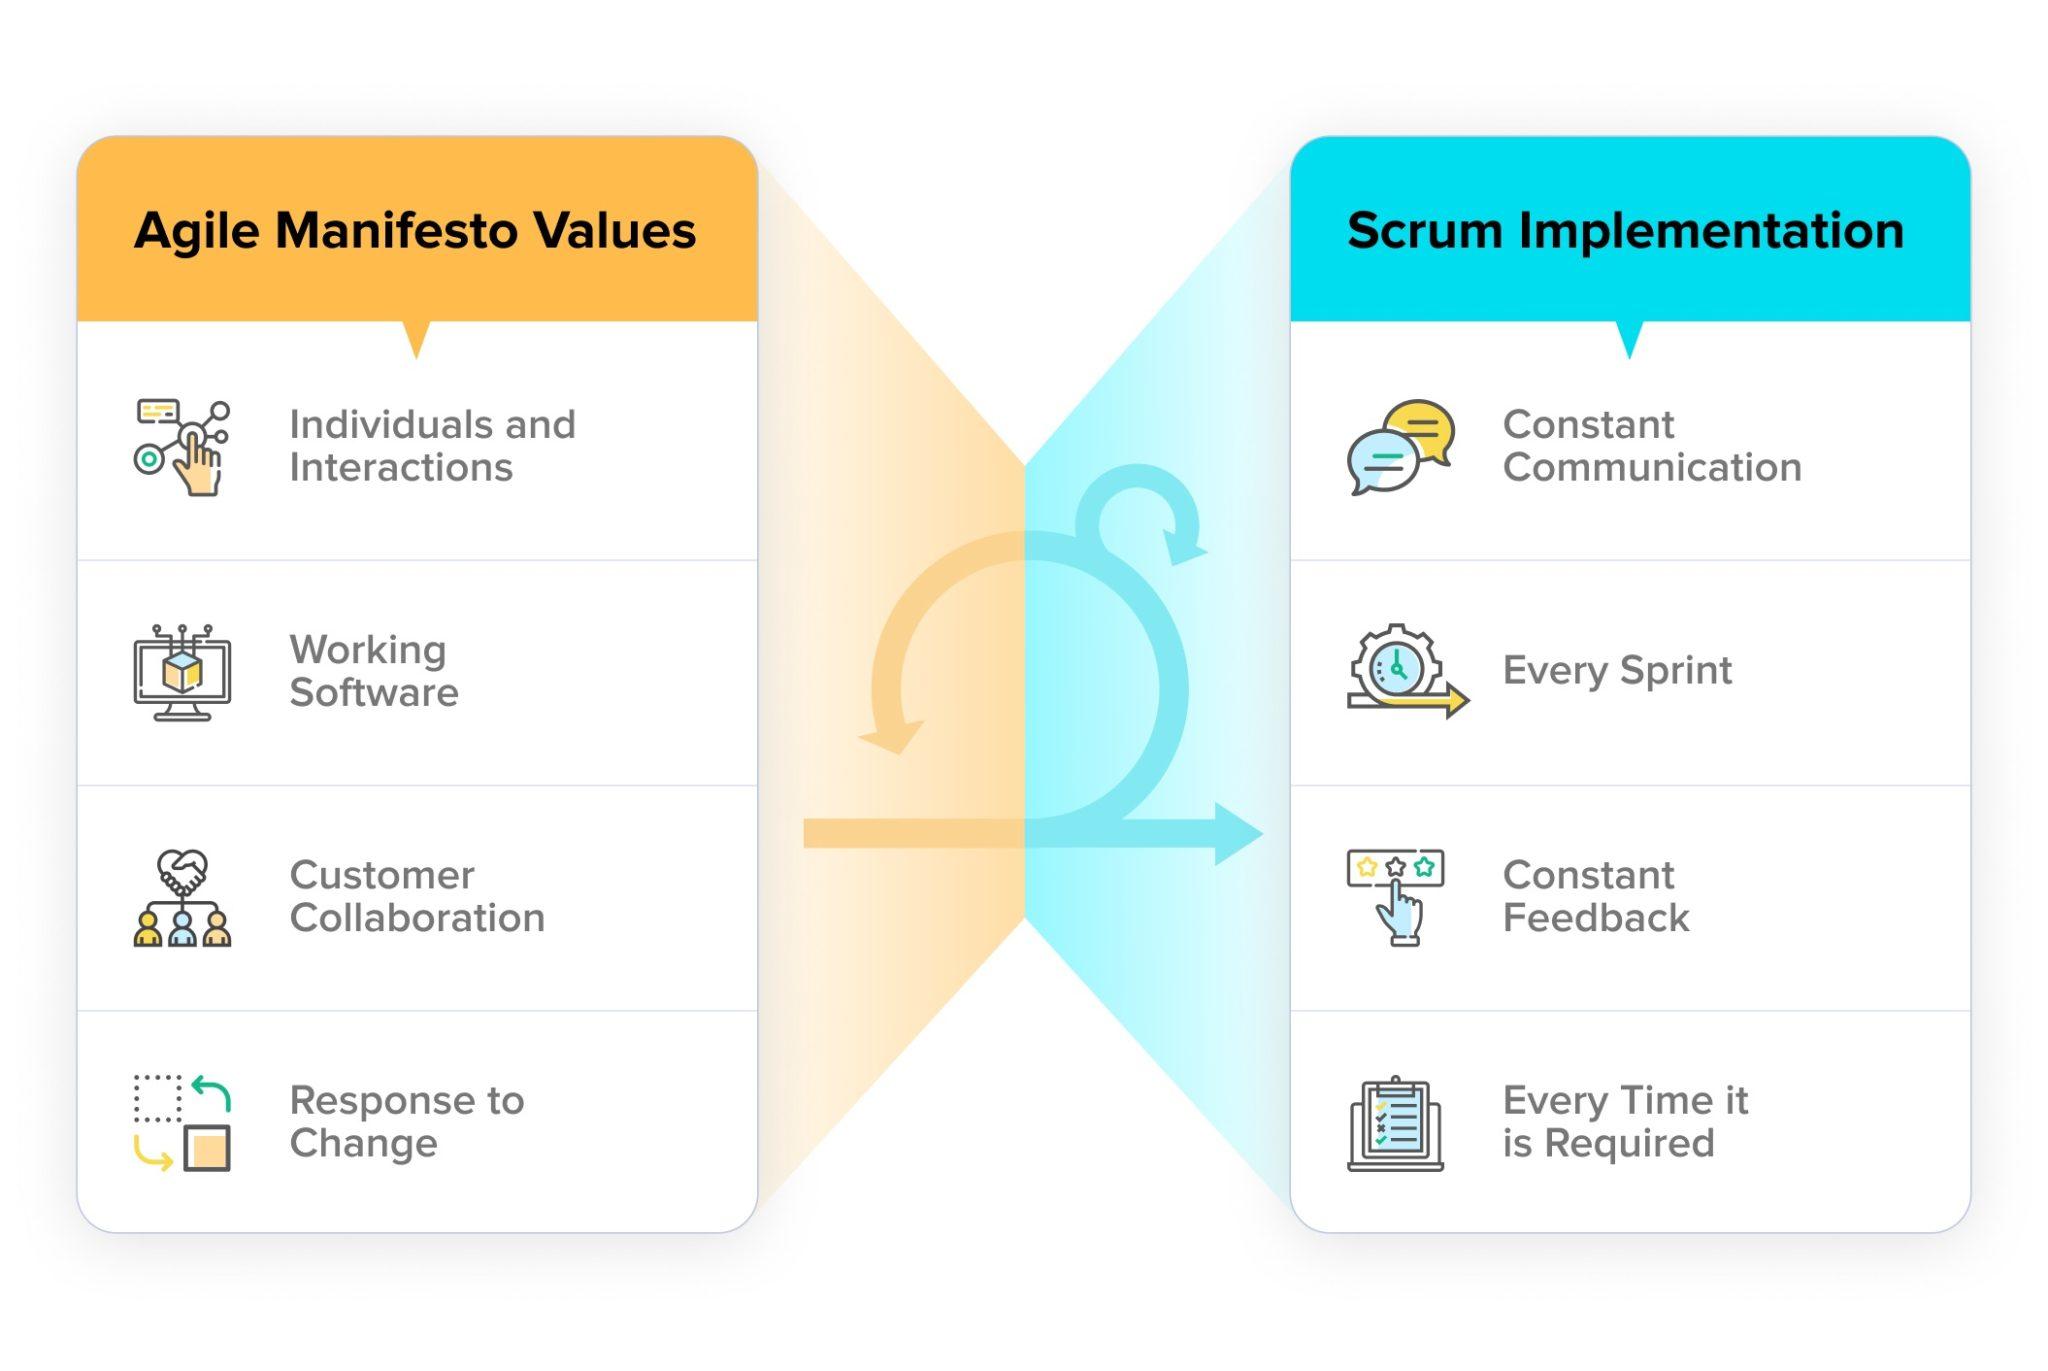 Agile Manifesto Values - Scrum Implementation